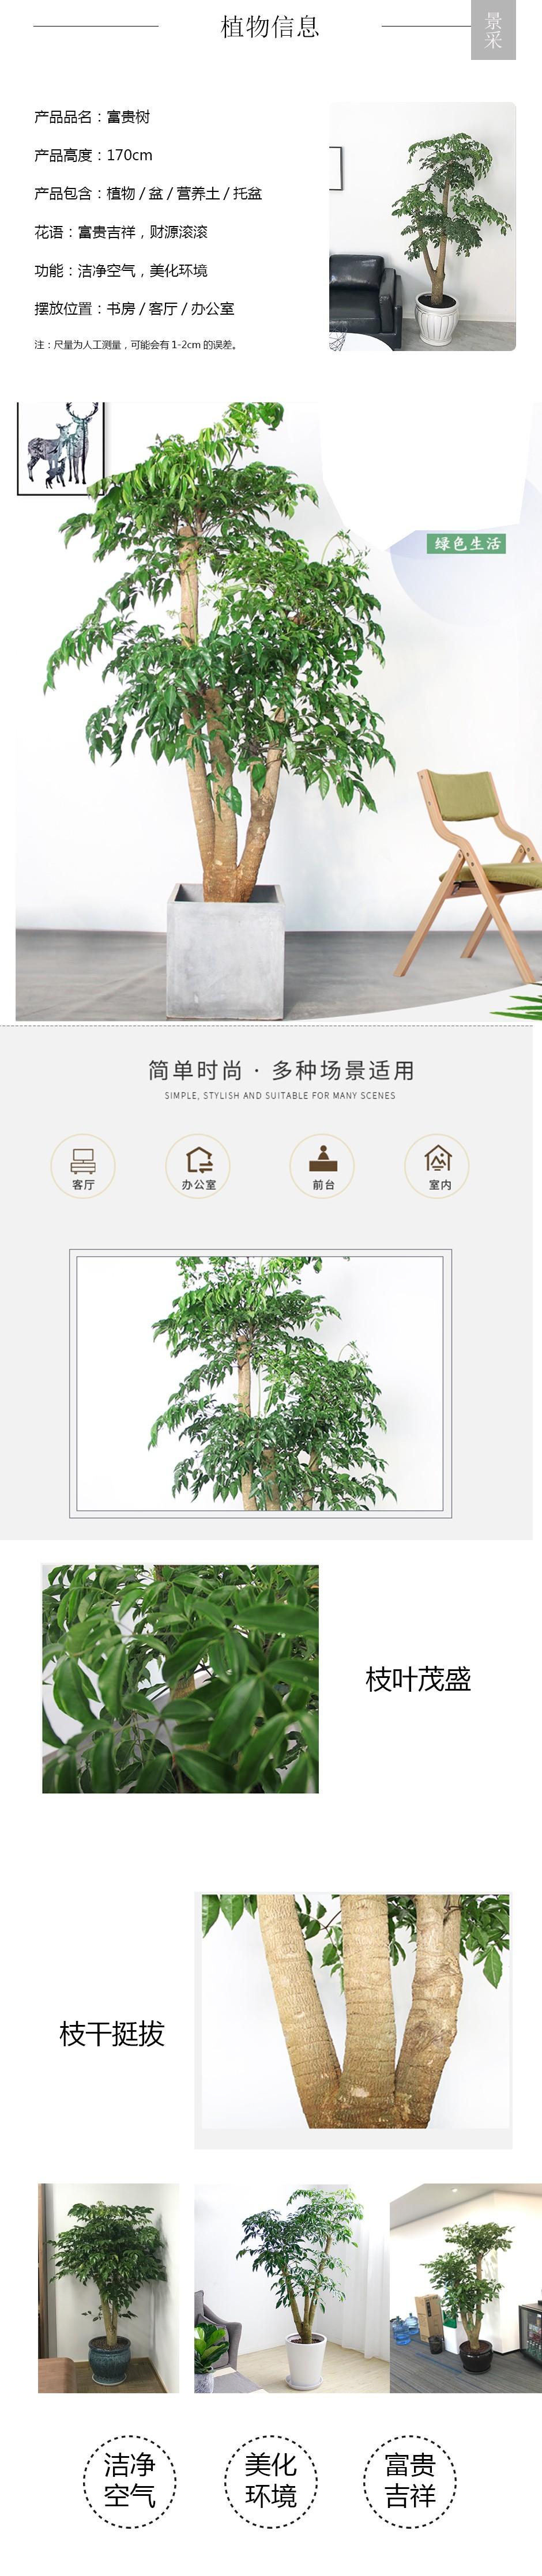 2020富贵树详情页.jpg